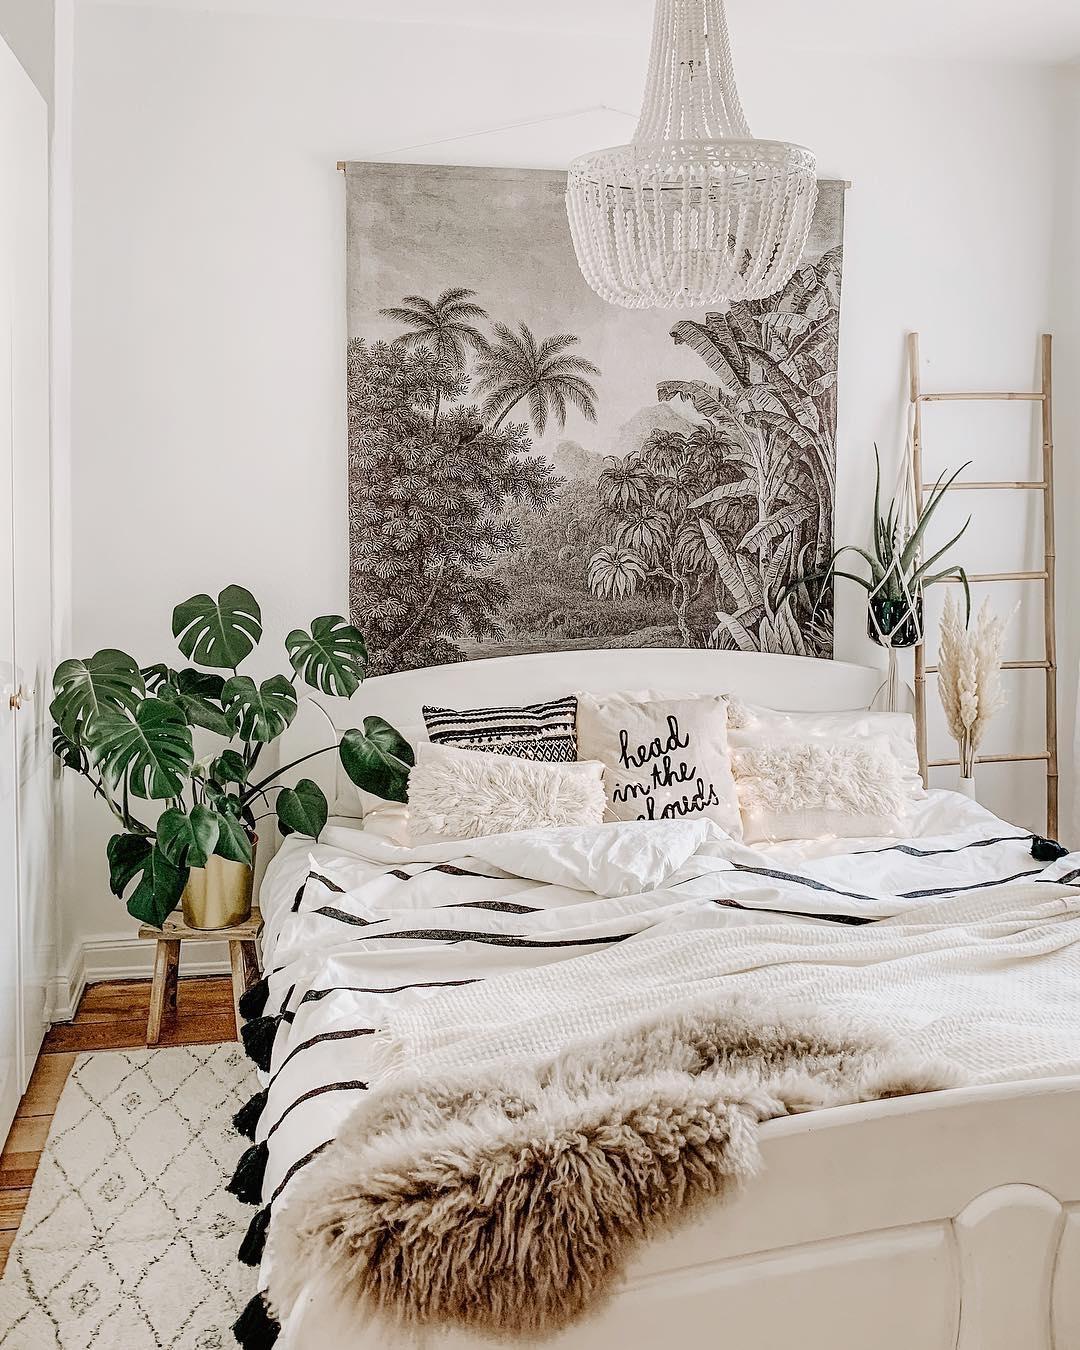 Full Size of Kronleuchter Inspiration Und Gestaltungsideen Weißes Schlafzimmer Kommode Deckenlampe Luxus Sessel Komplett Poco Stuhl Für Deko Komplettangebote Set Günstig Schlafzimmer Kronleuchter Schlafzimmer